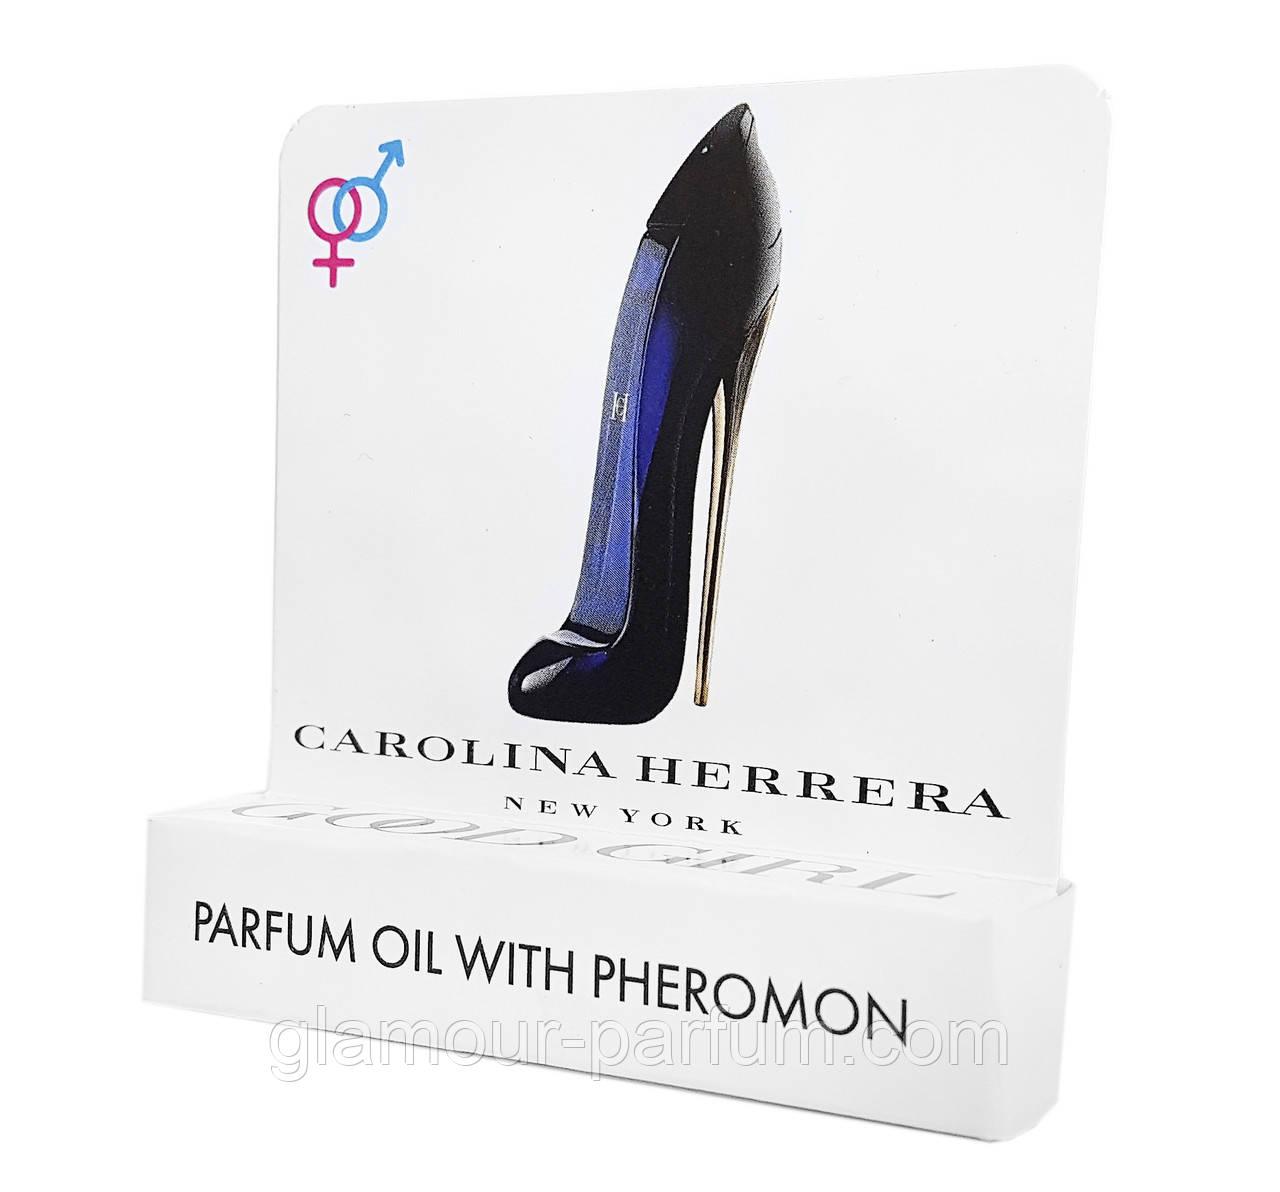 Міні парфуми з феромонами Carolina Herrera Good Girl (Кароліна Херрера Гуд Герл) 5 мл (репліка)